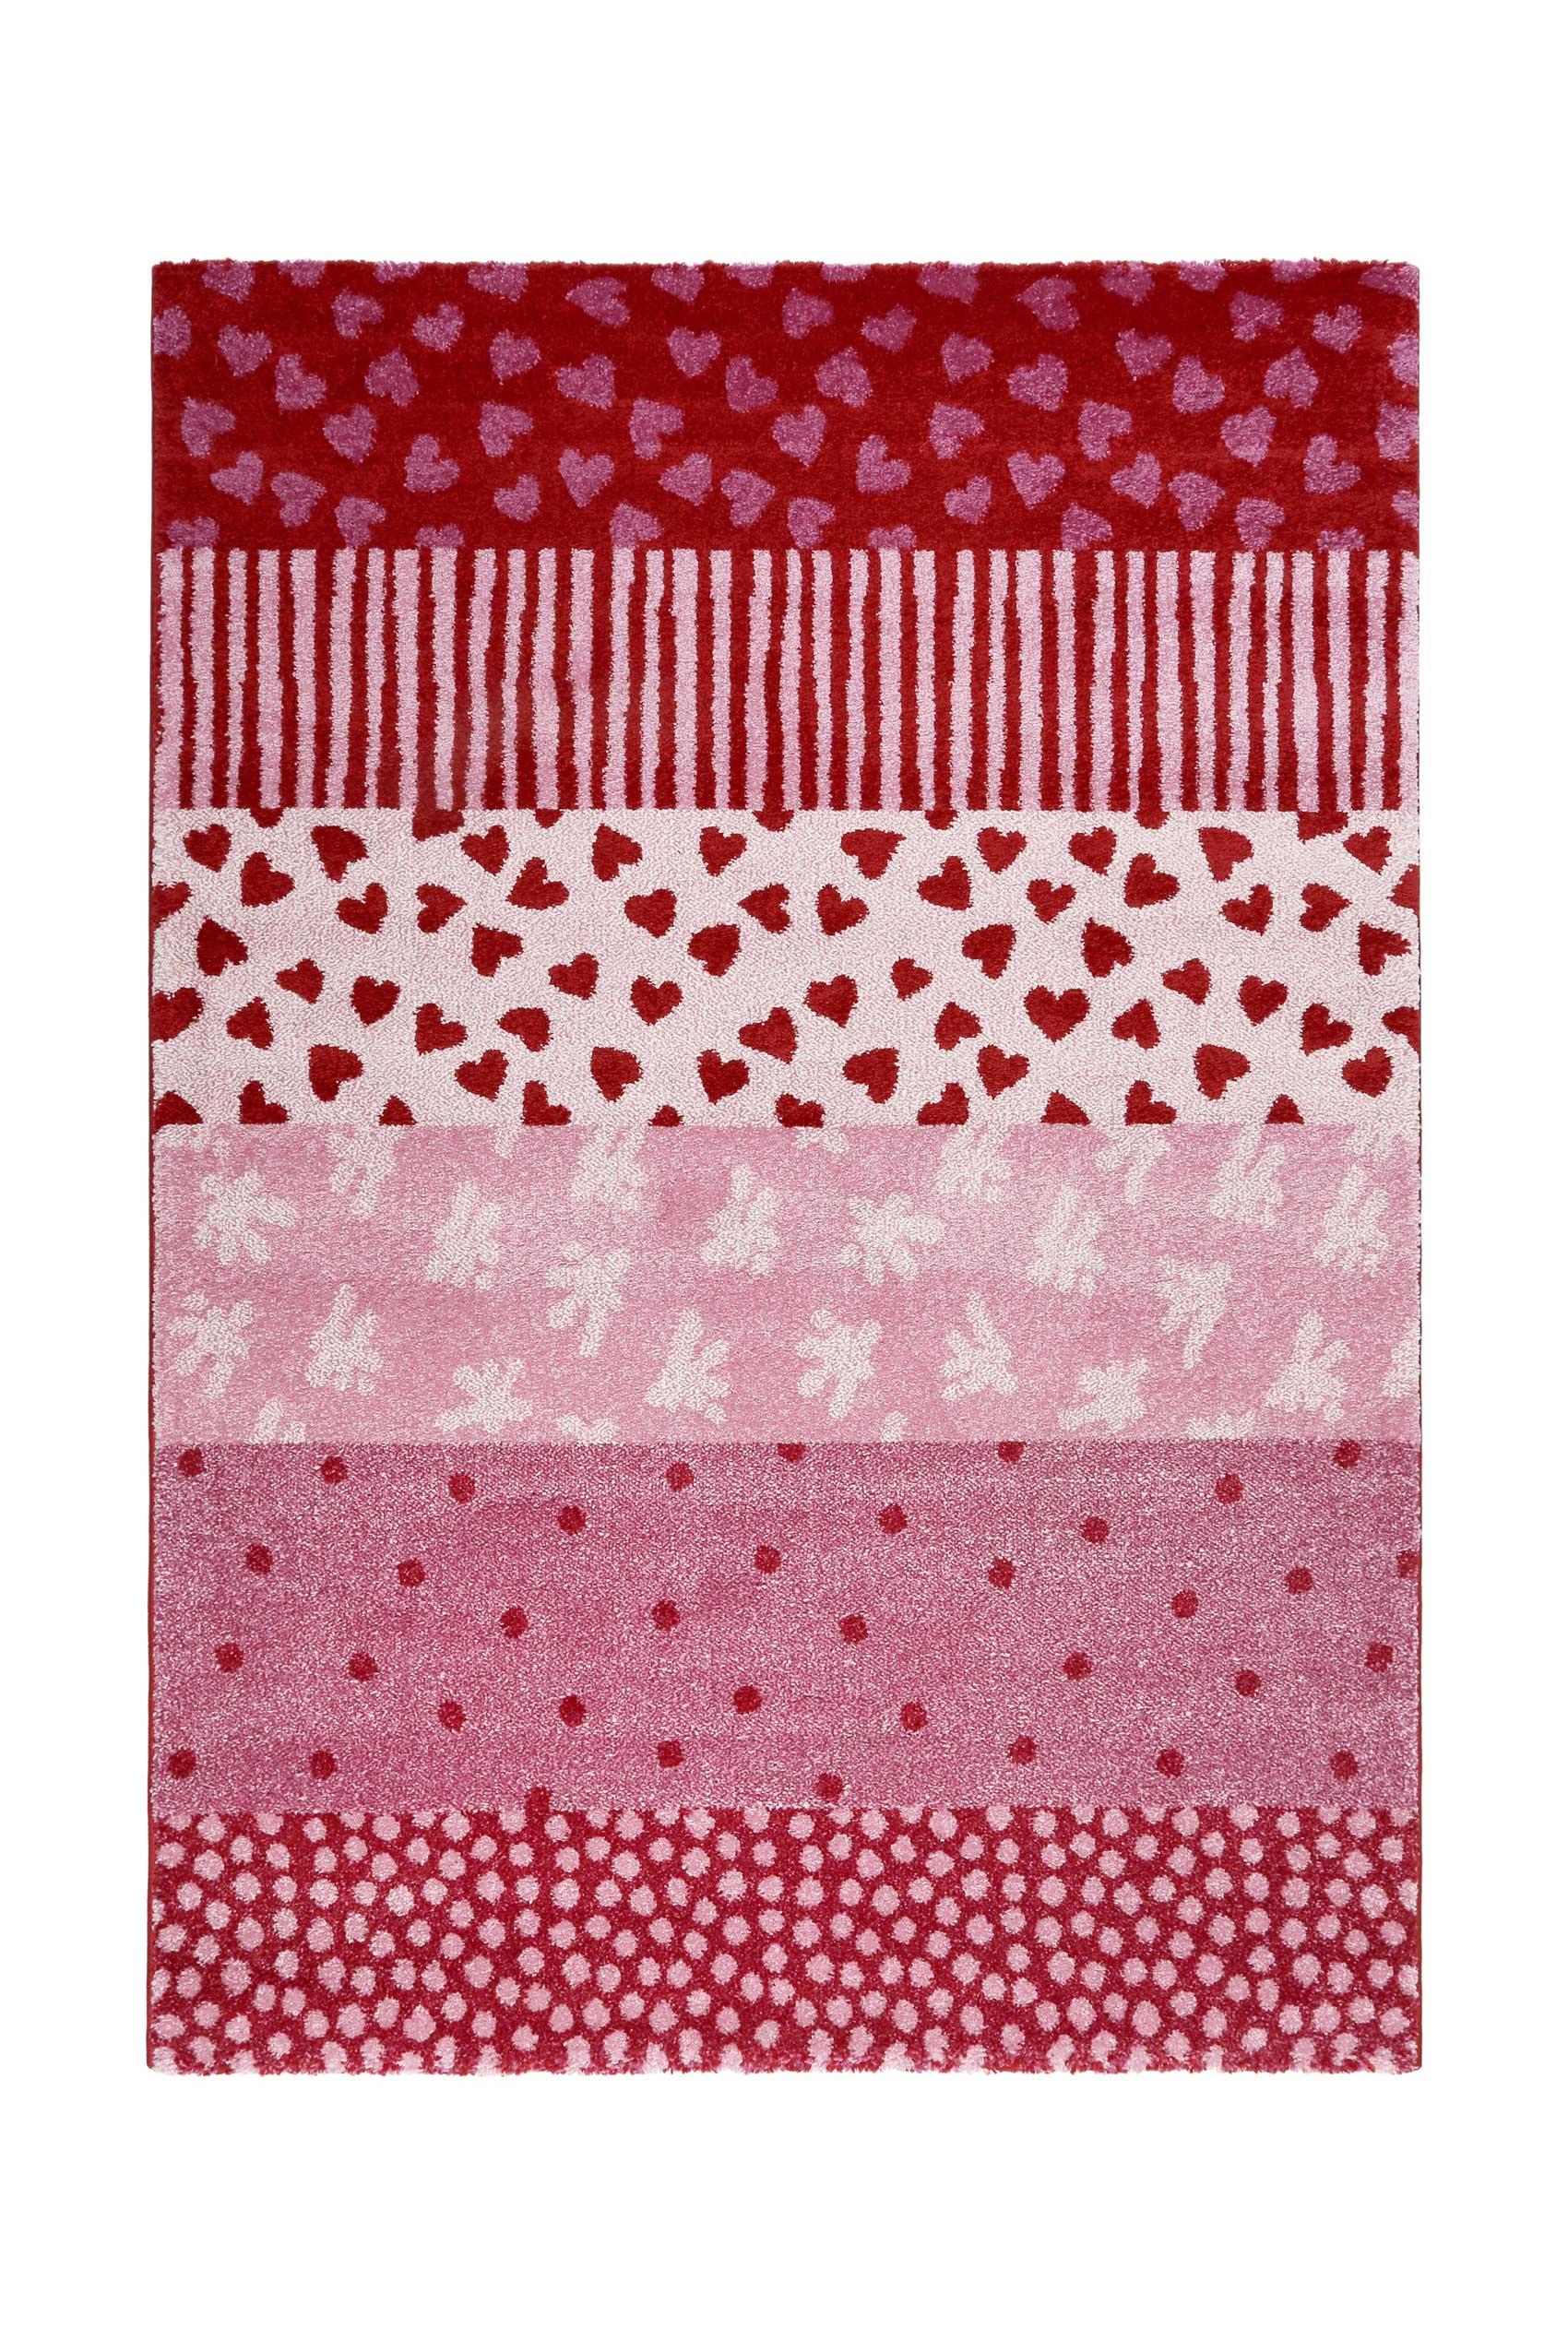 Tapis enfant motifs cœurs et pois alternés rose rouge 80x150